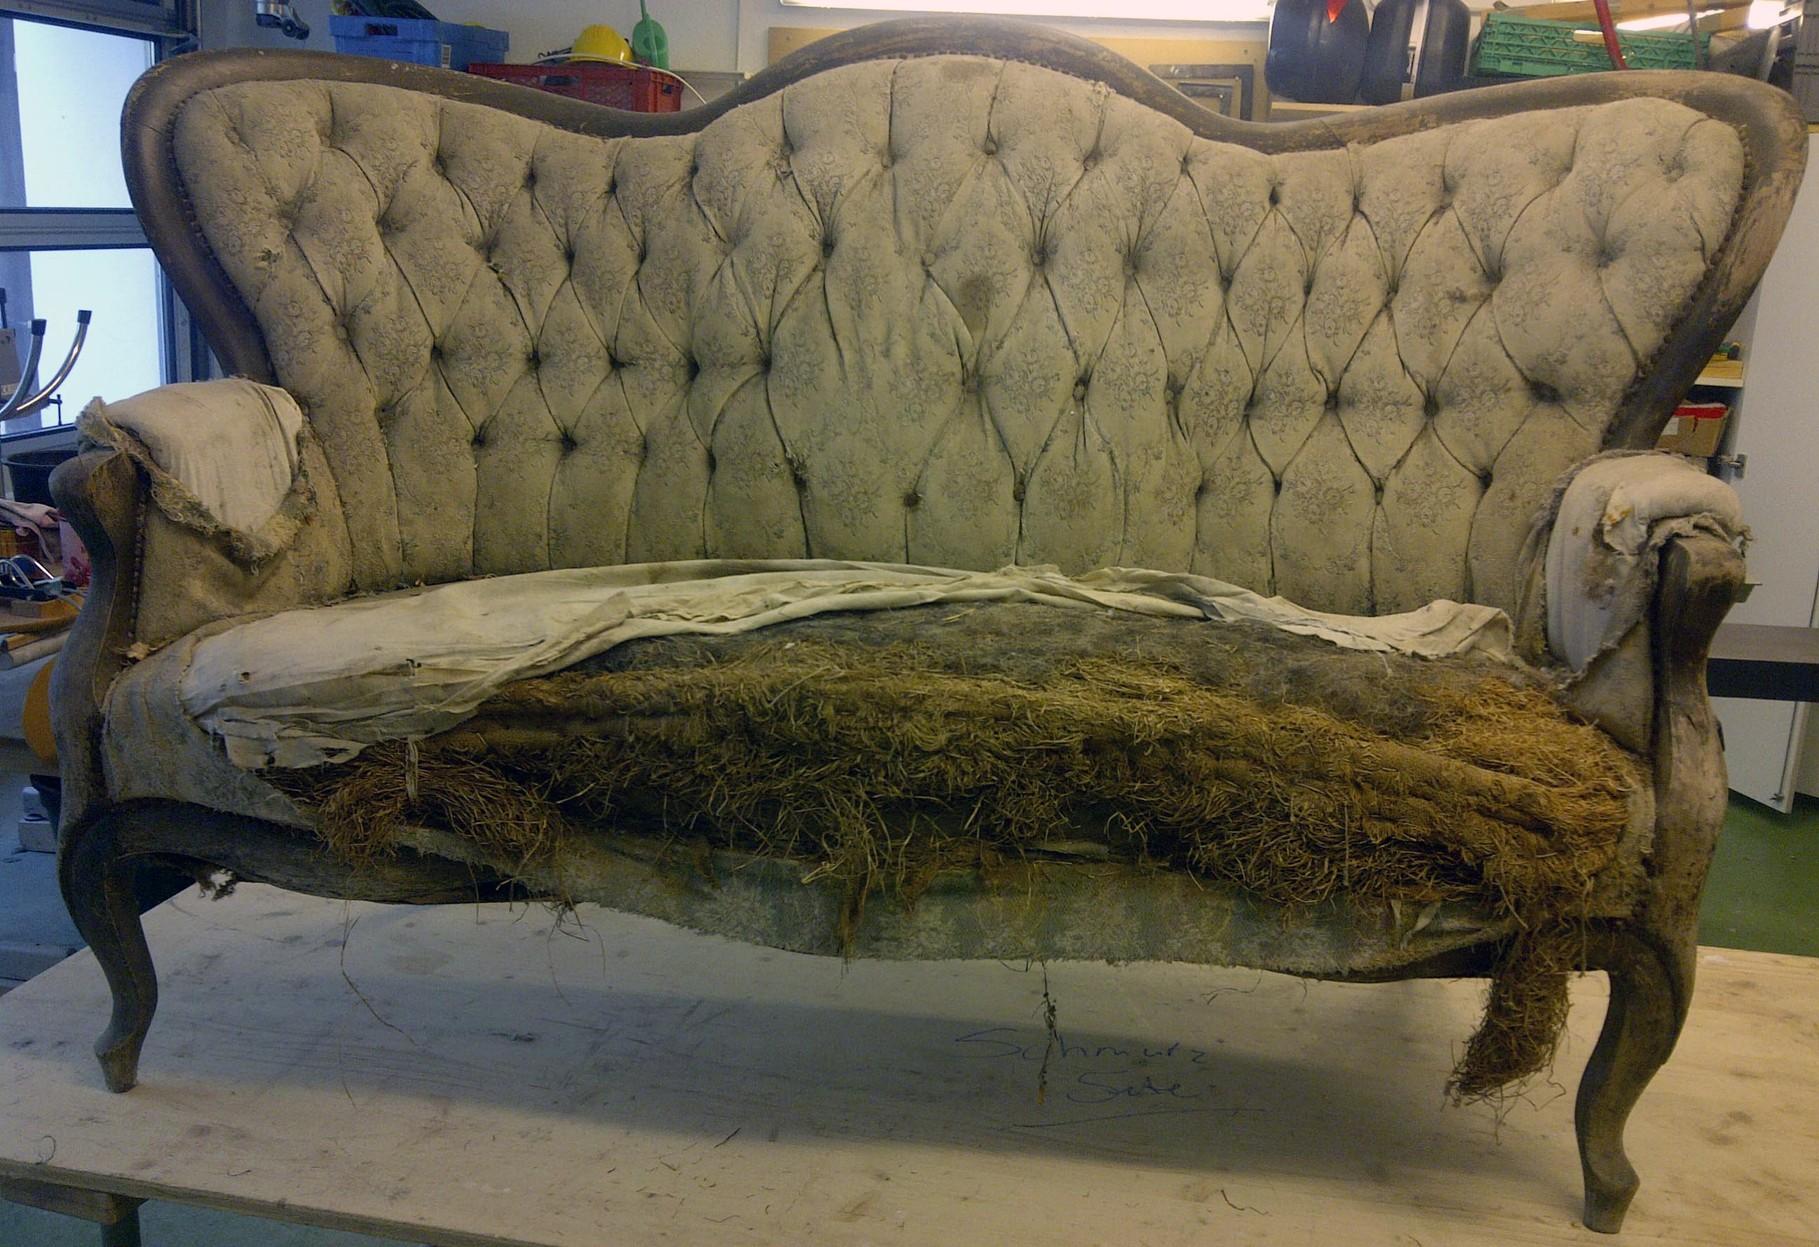 startseite polsterei und raumausstattung steinbach grafing. Black Bedroom Furniture Sets. Home Design Ideas